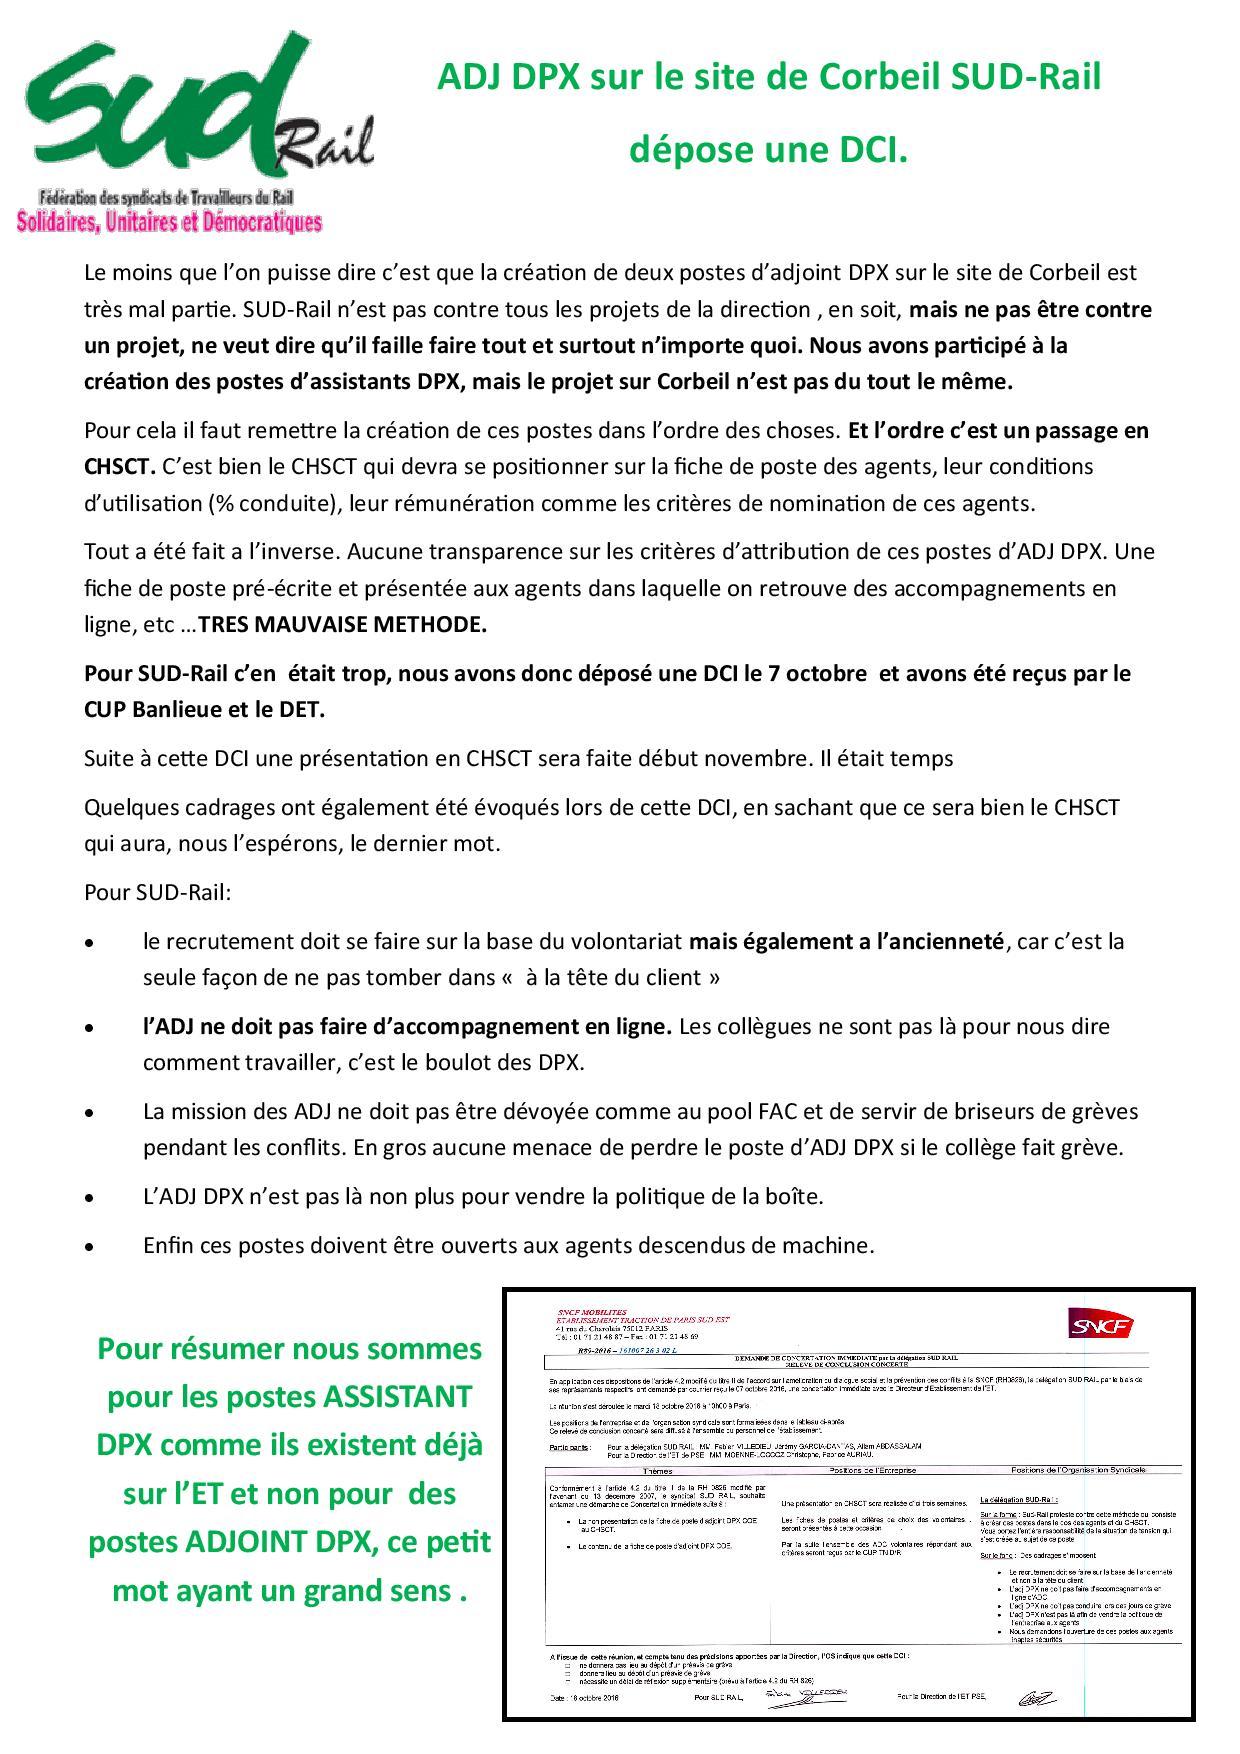 et-pse-dci-adjoints-dpx-11-2016